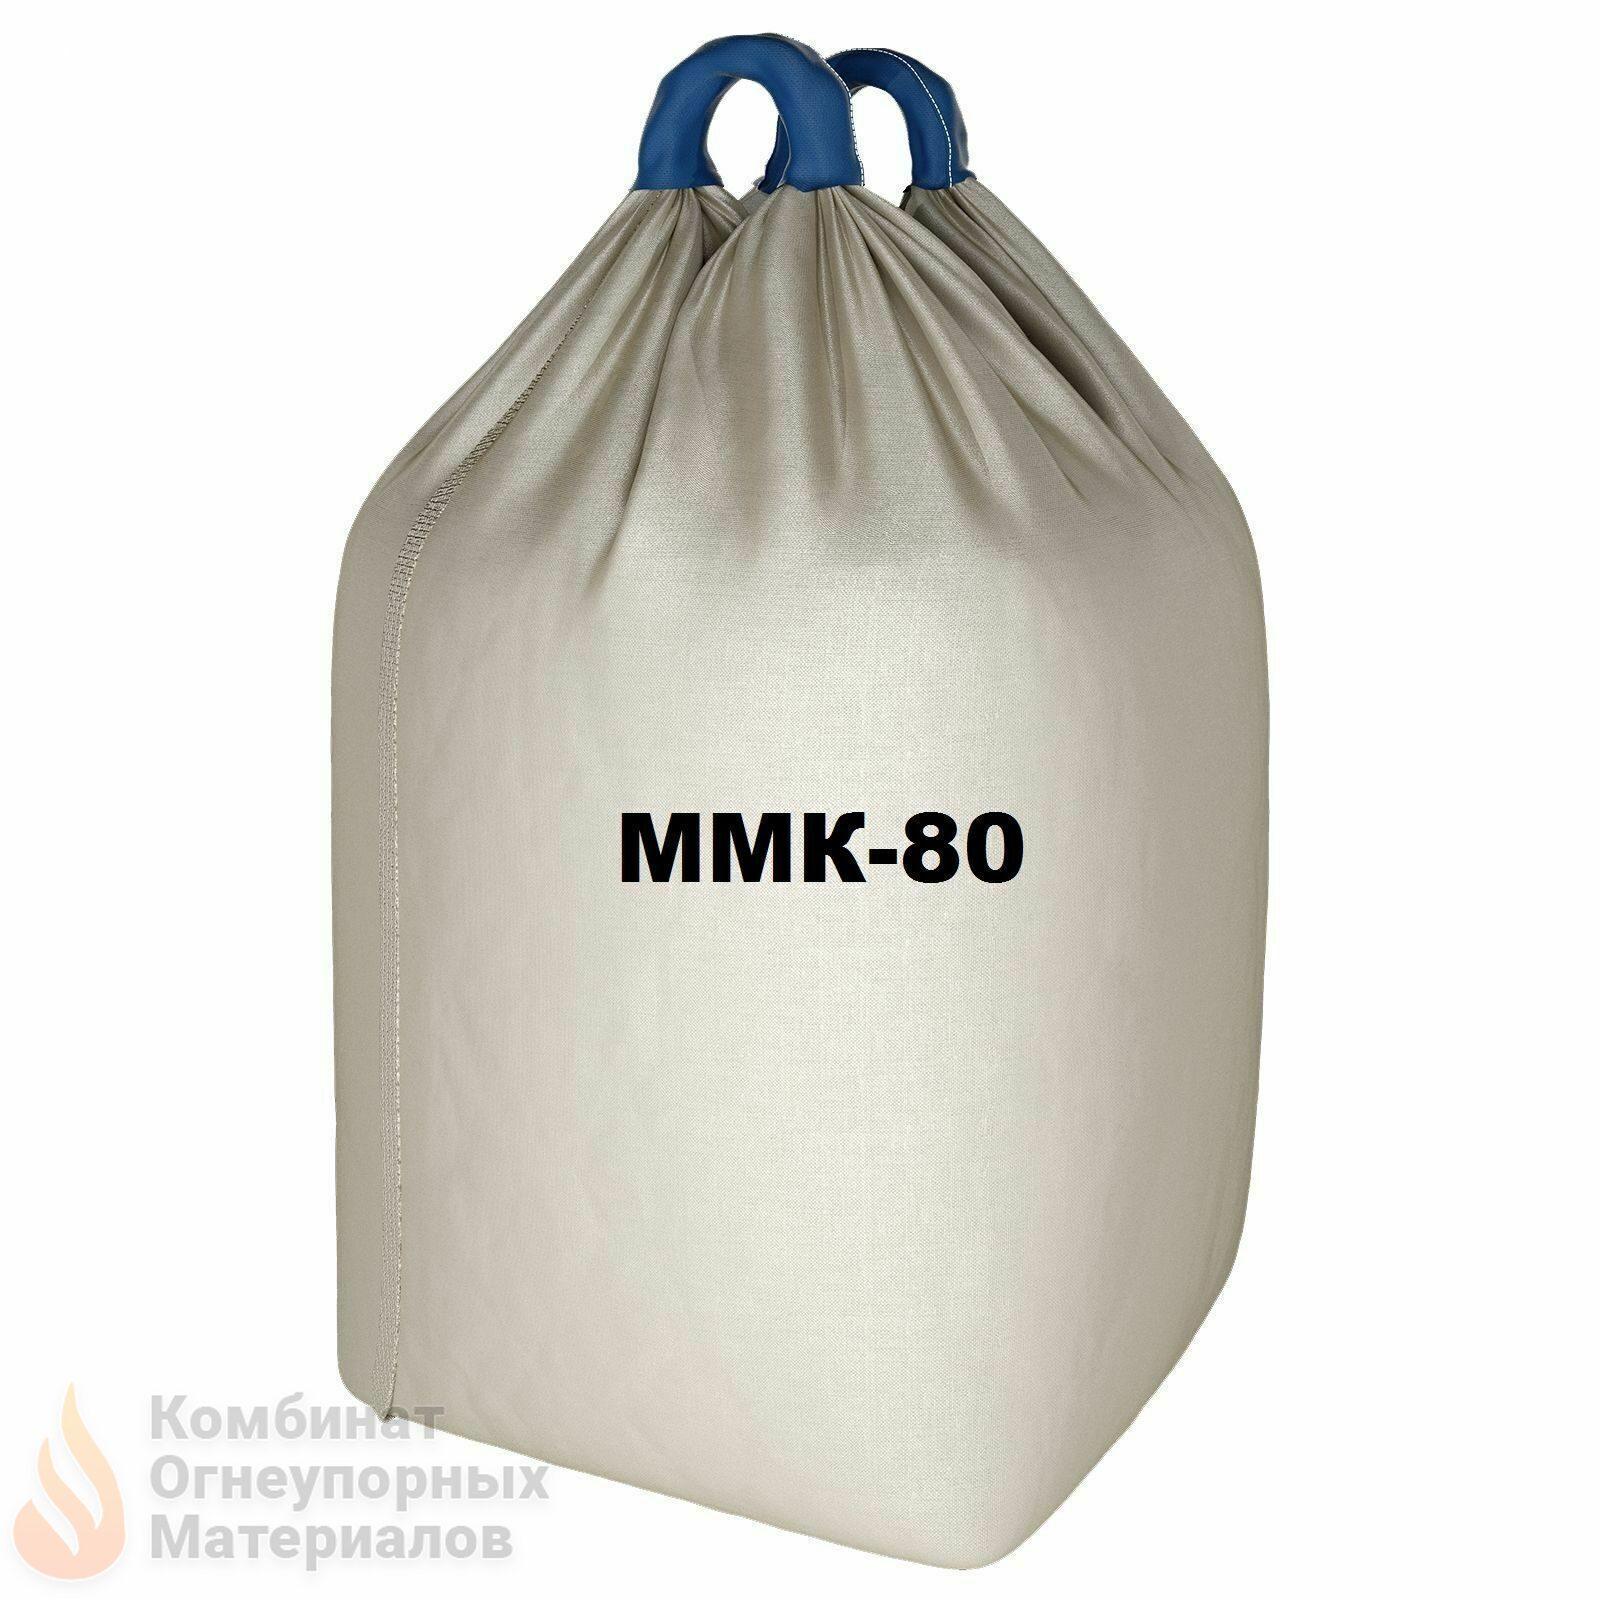 Мш 31 мертель огнеупорный алюмосиликатный